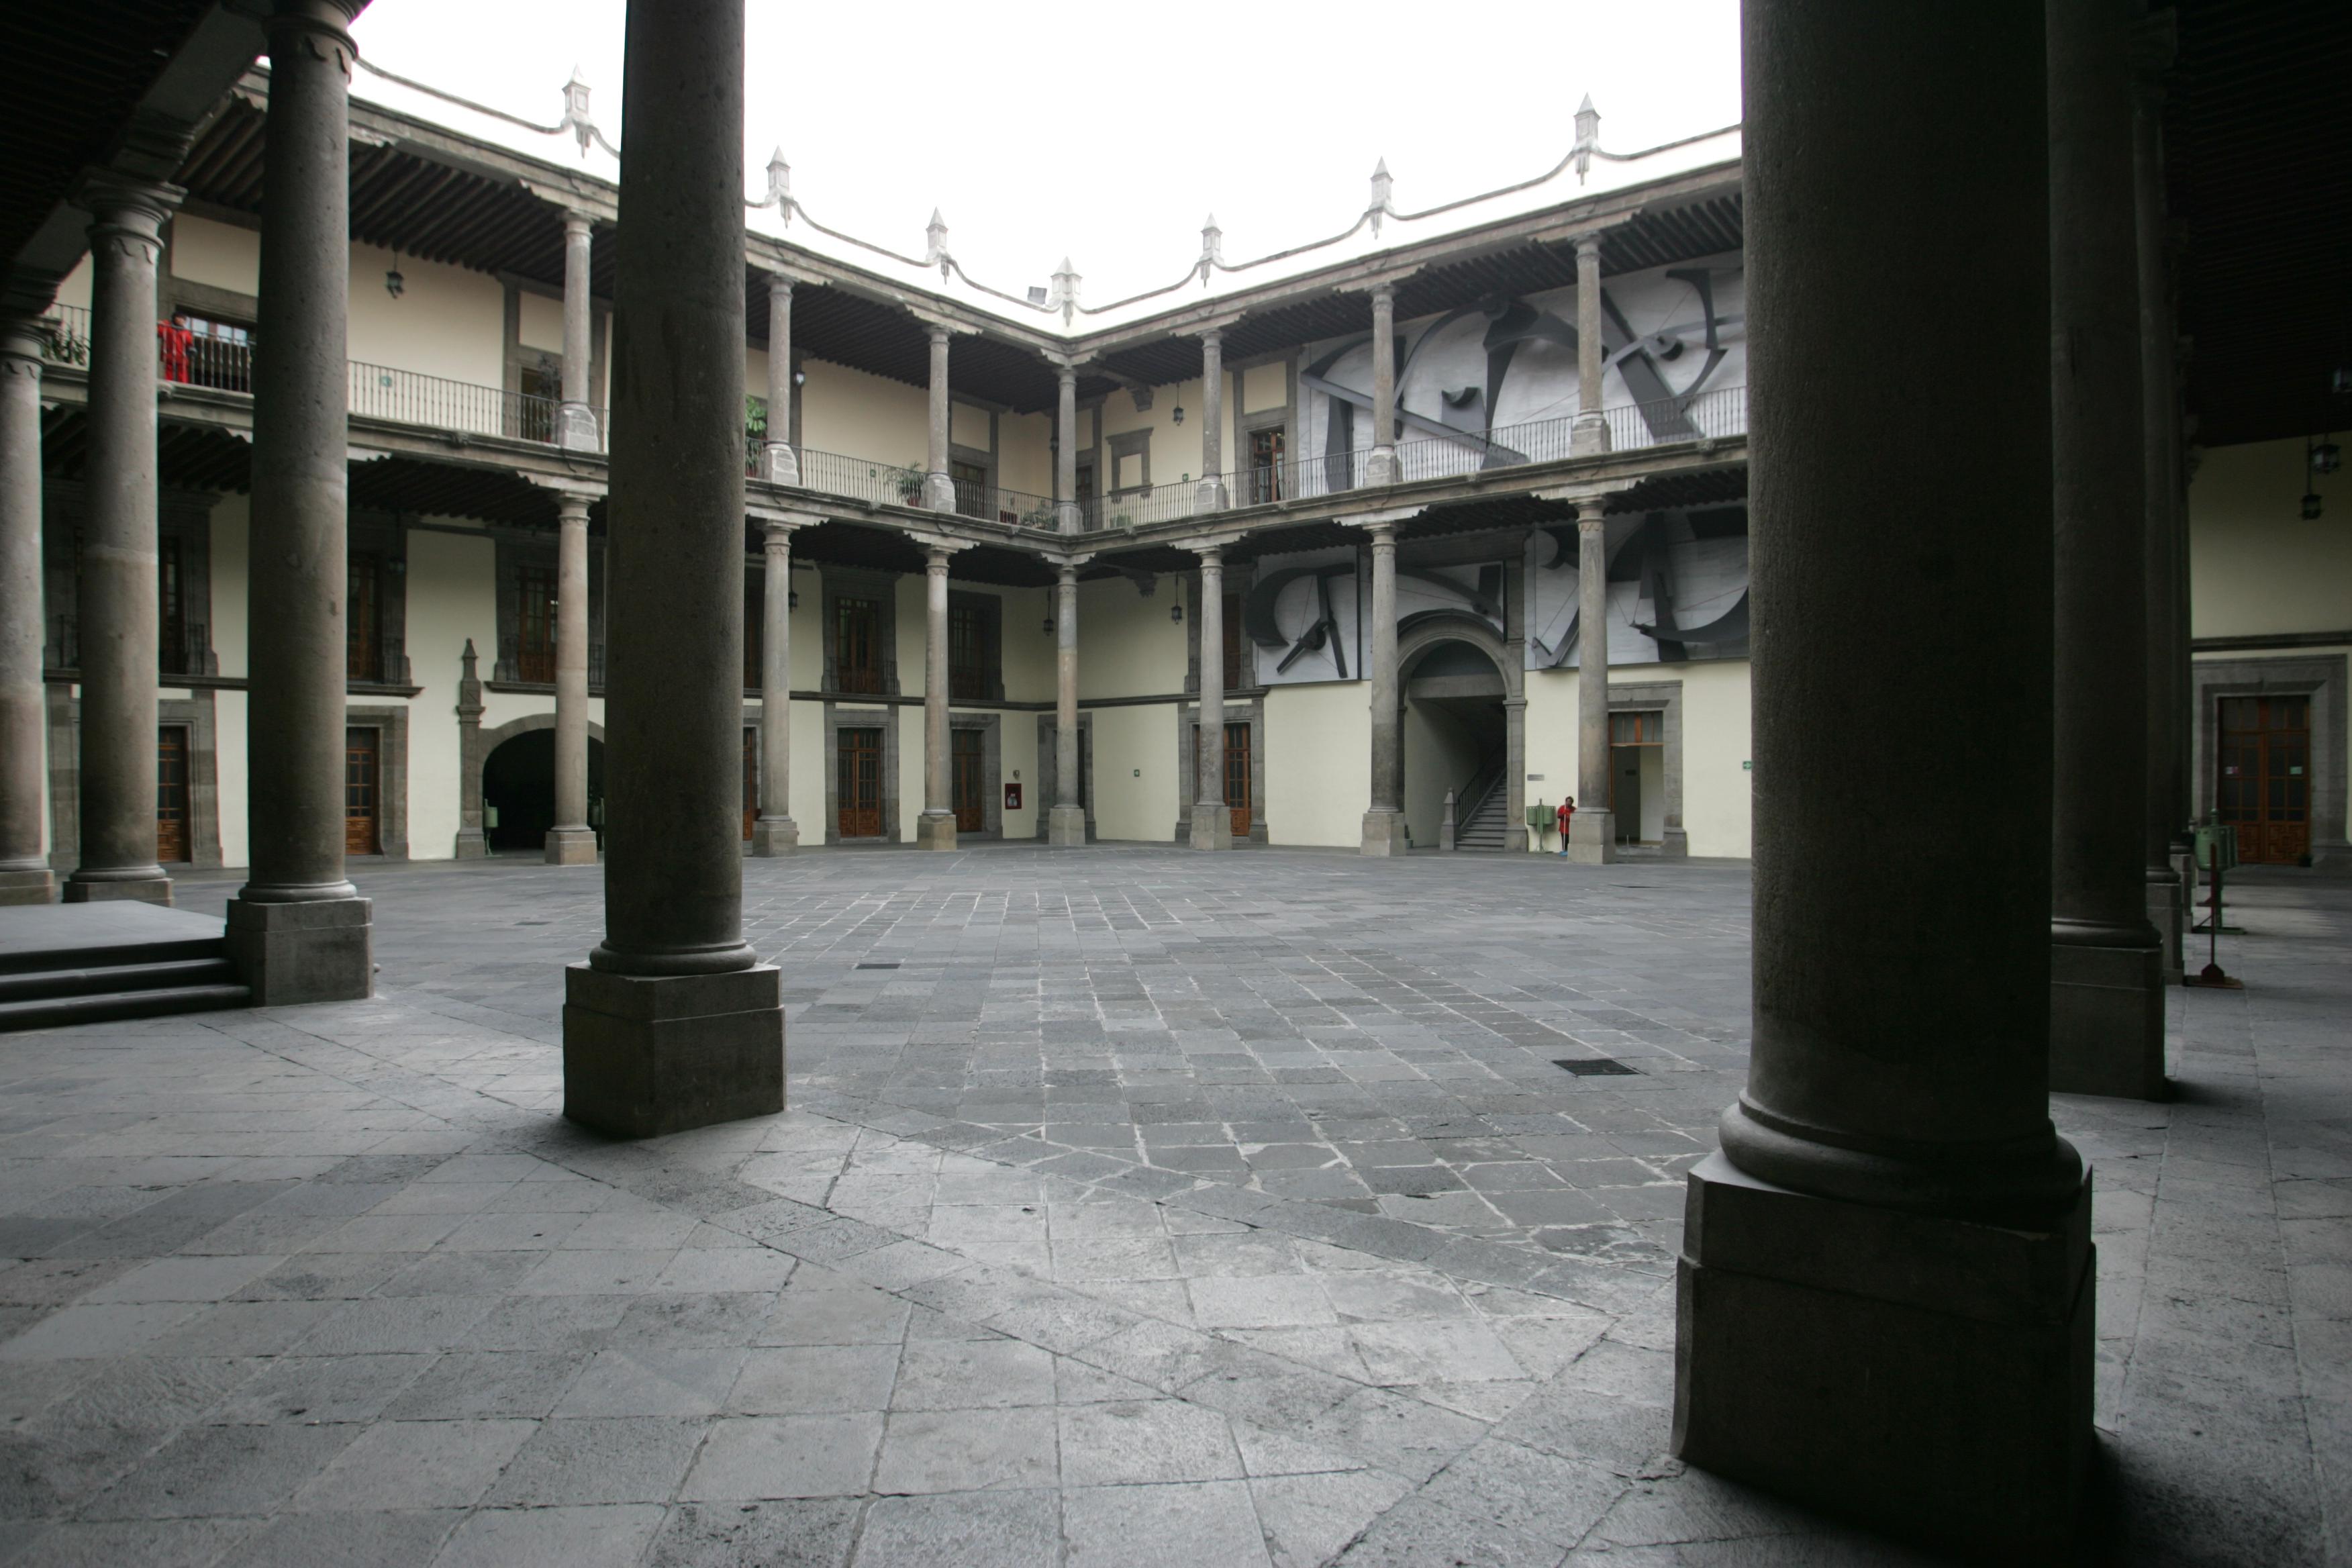 Patio de la antigua aduana ubicado en la Secretaría de Educación Pública